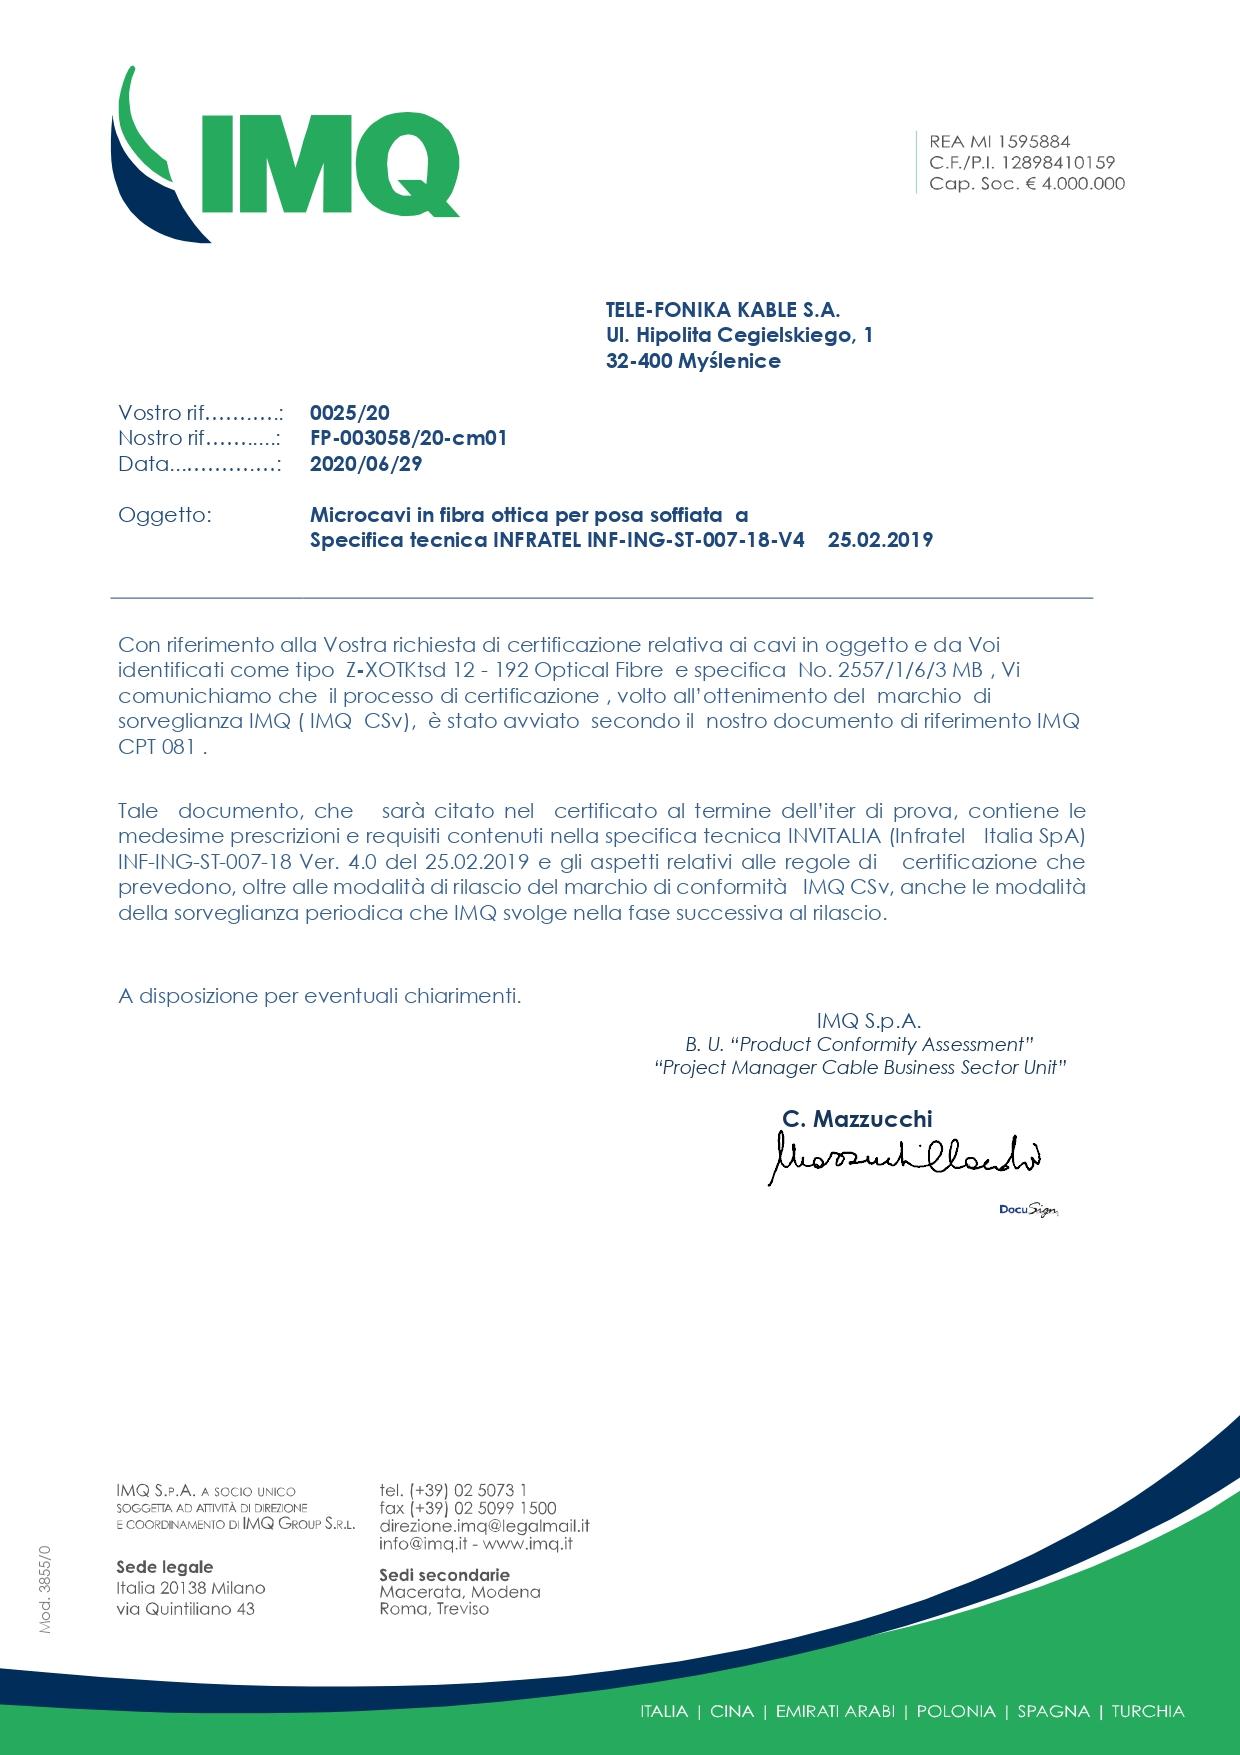 JPEG-Certificato-IMQ-per-cavi-FO-Infratel-uTFK_MicroCavi-F.O.-TUBAZIONE_page-0001